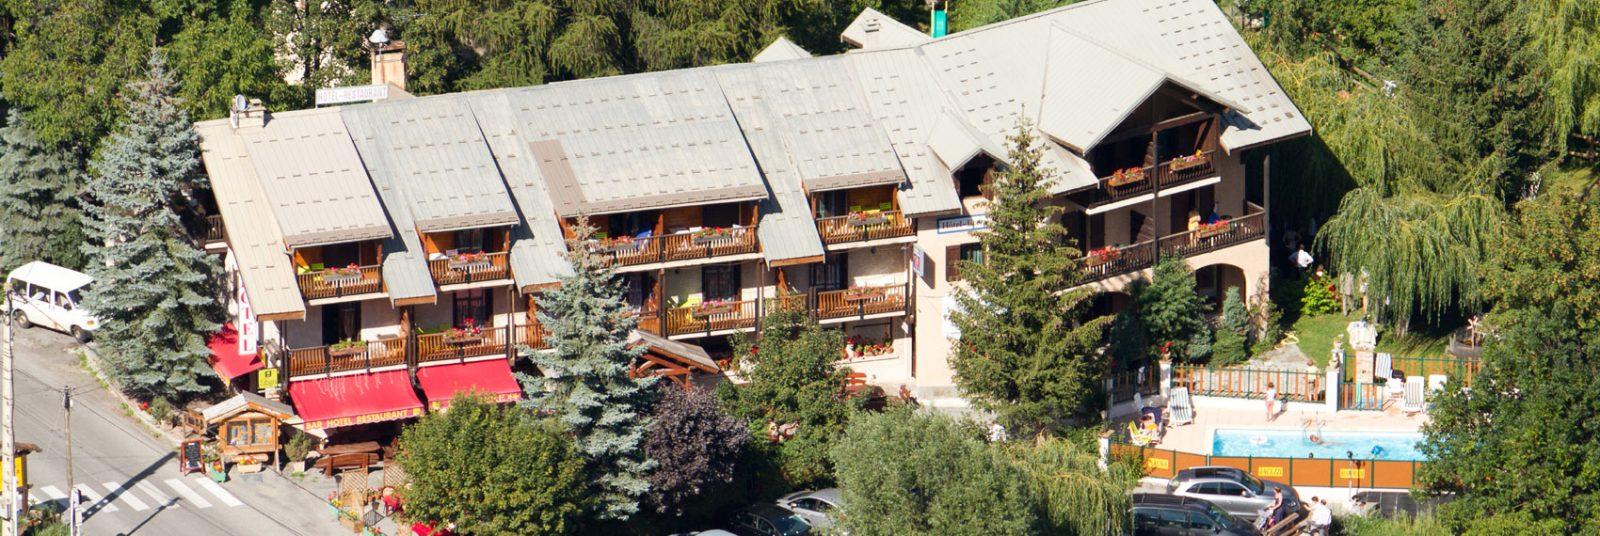 Hôtel et restaurant à Puy St Vincent, Hautes Alpes